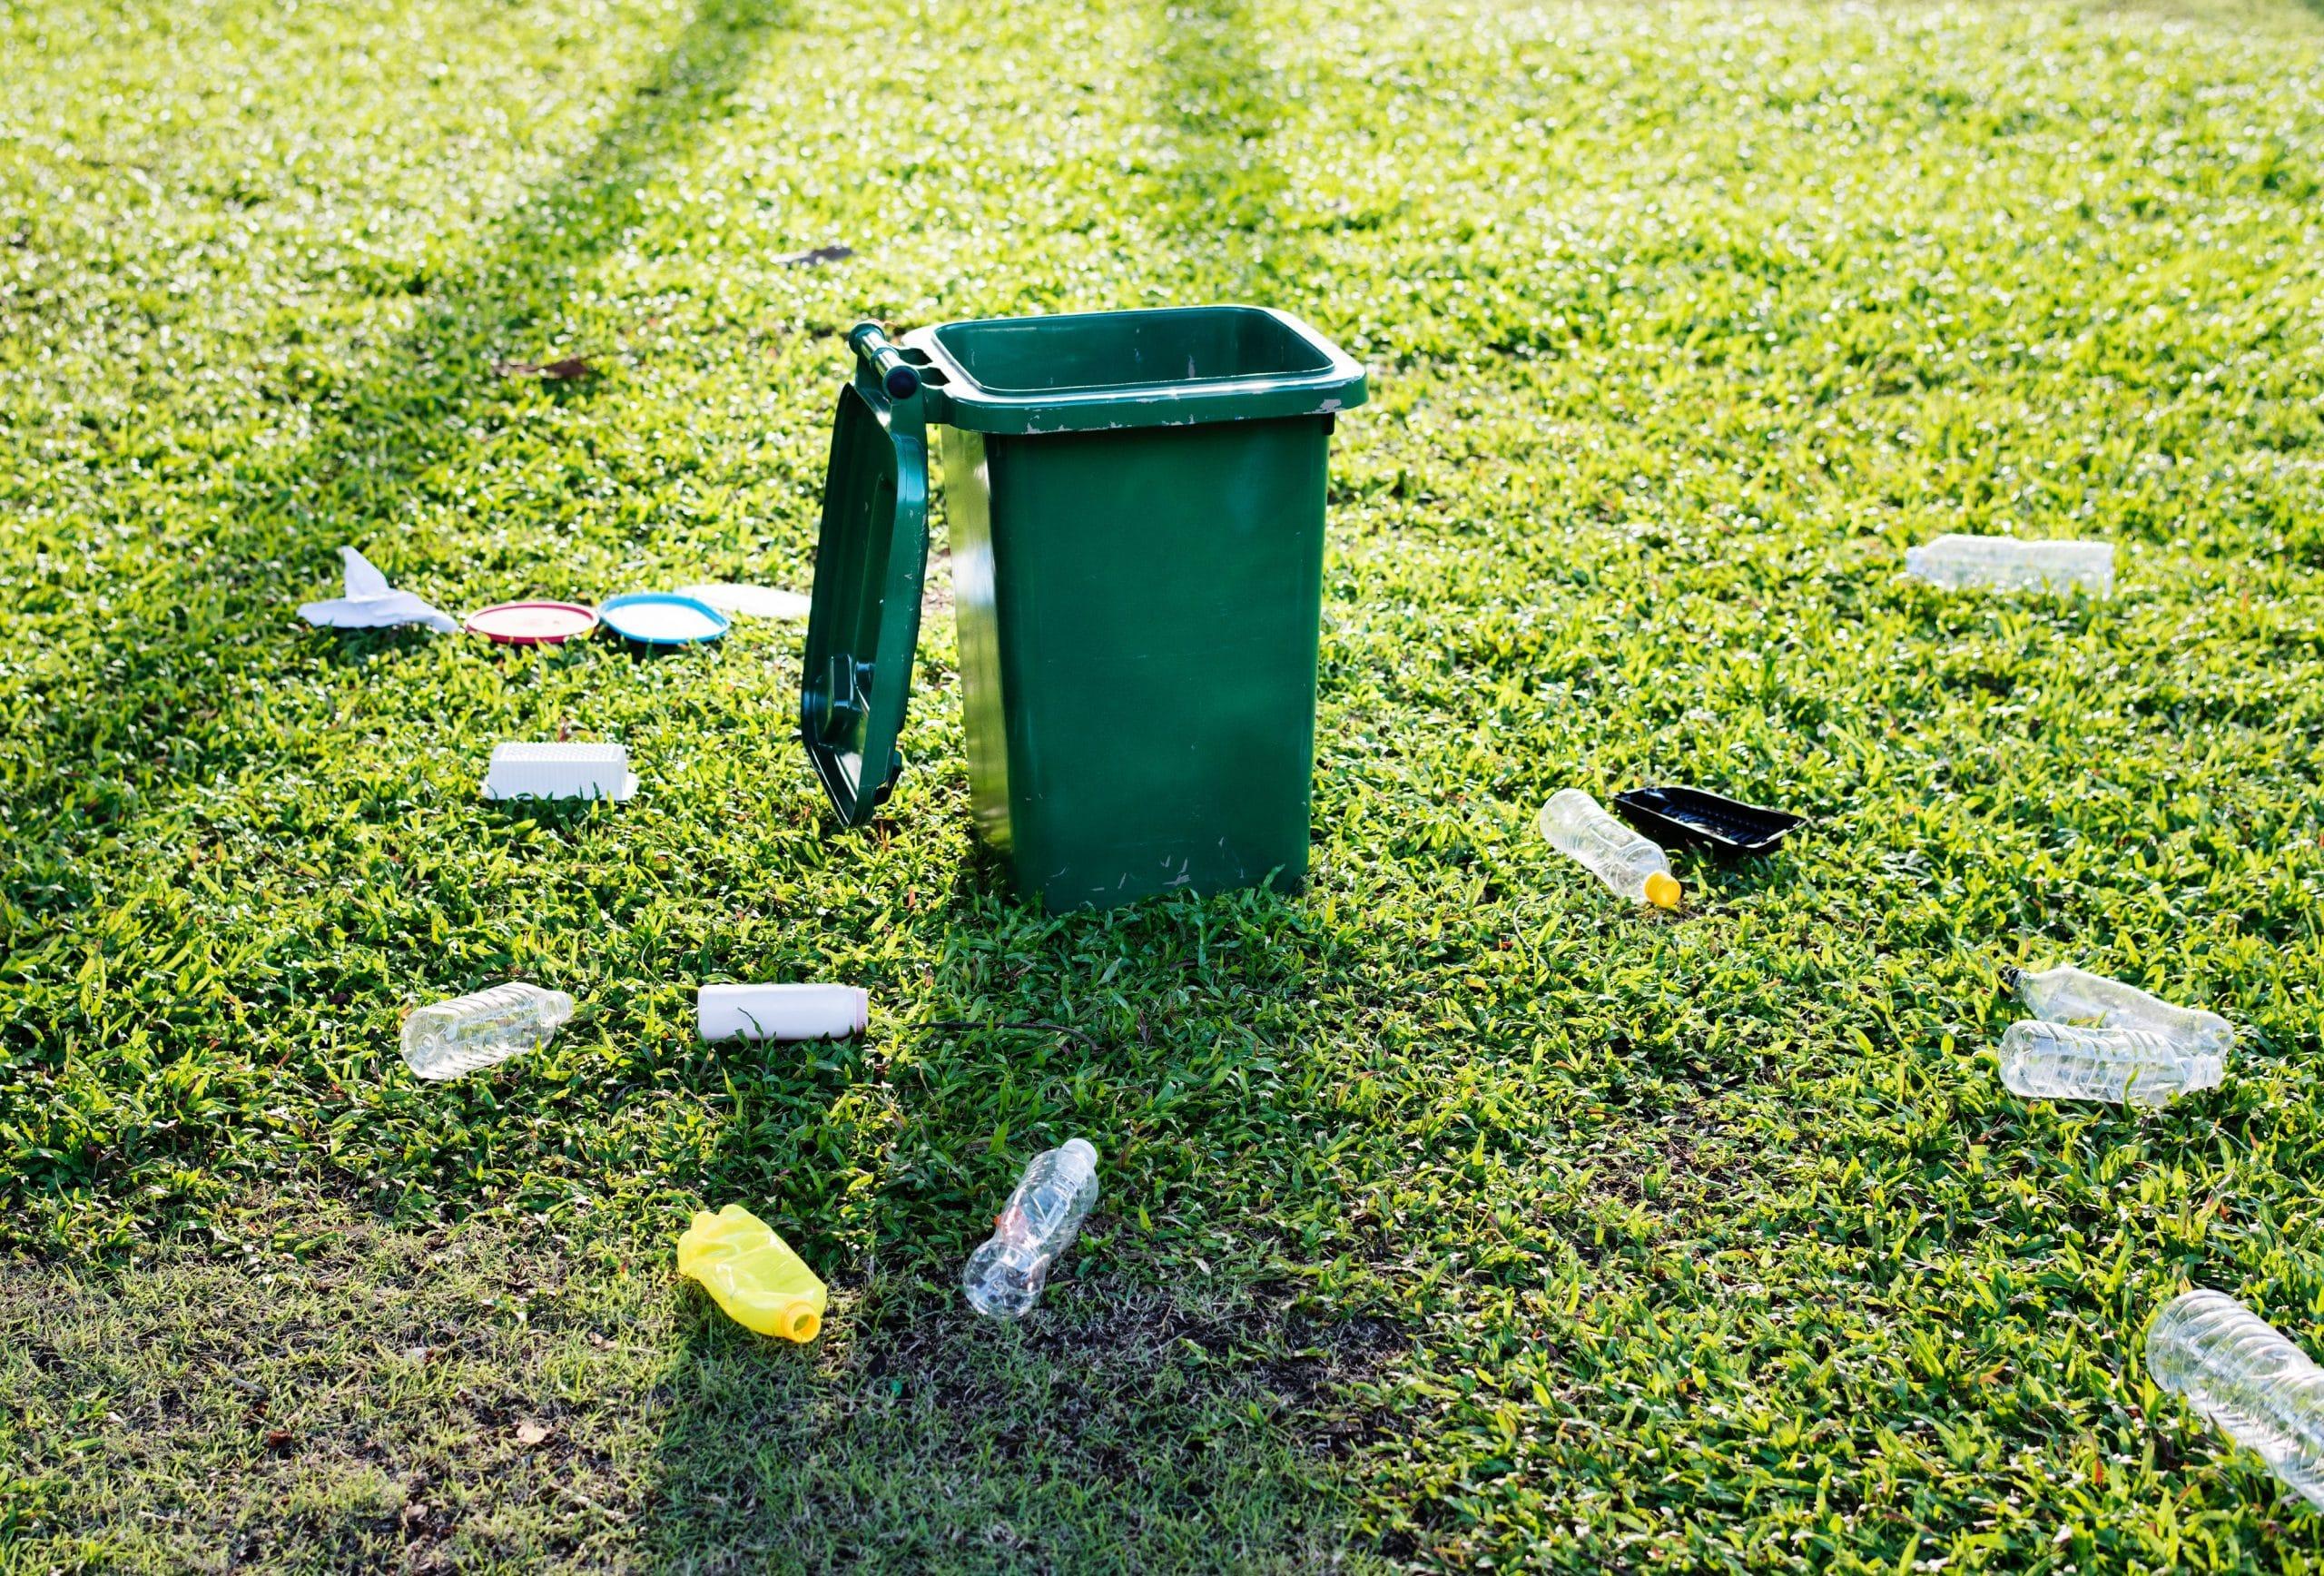 Várias garrafas de plástico espalhadas por um gramado ao redor de uma lixeira aberta.